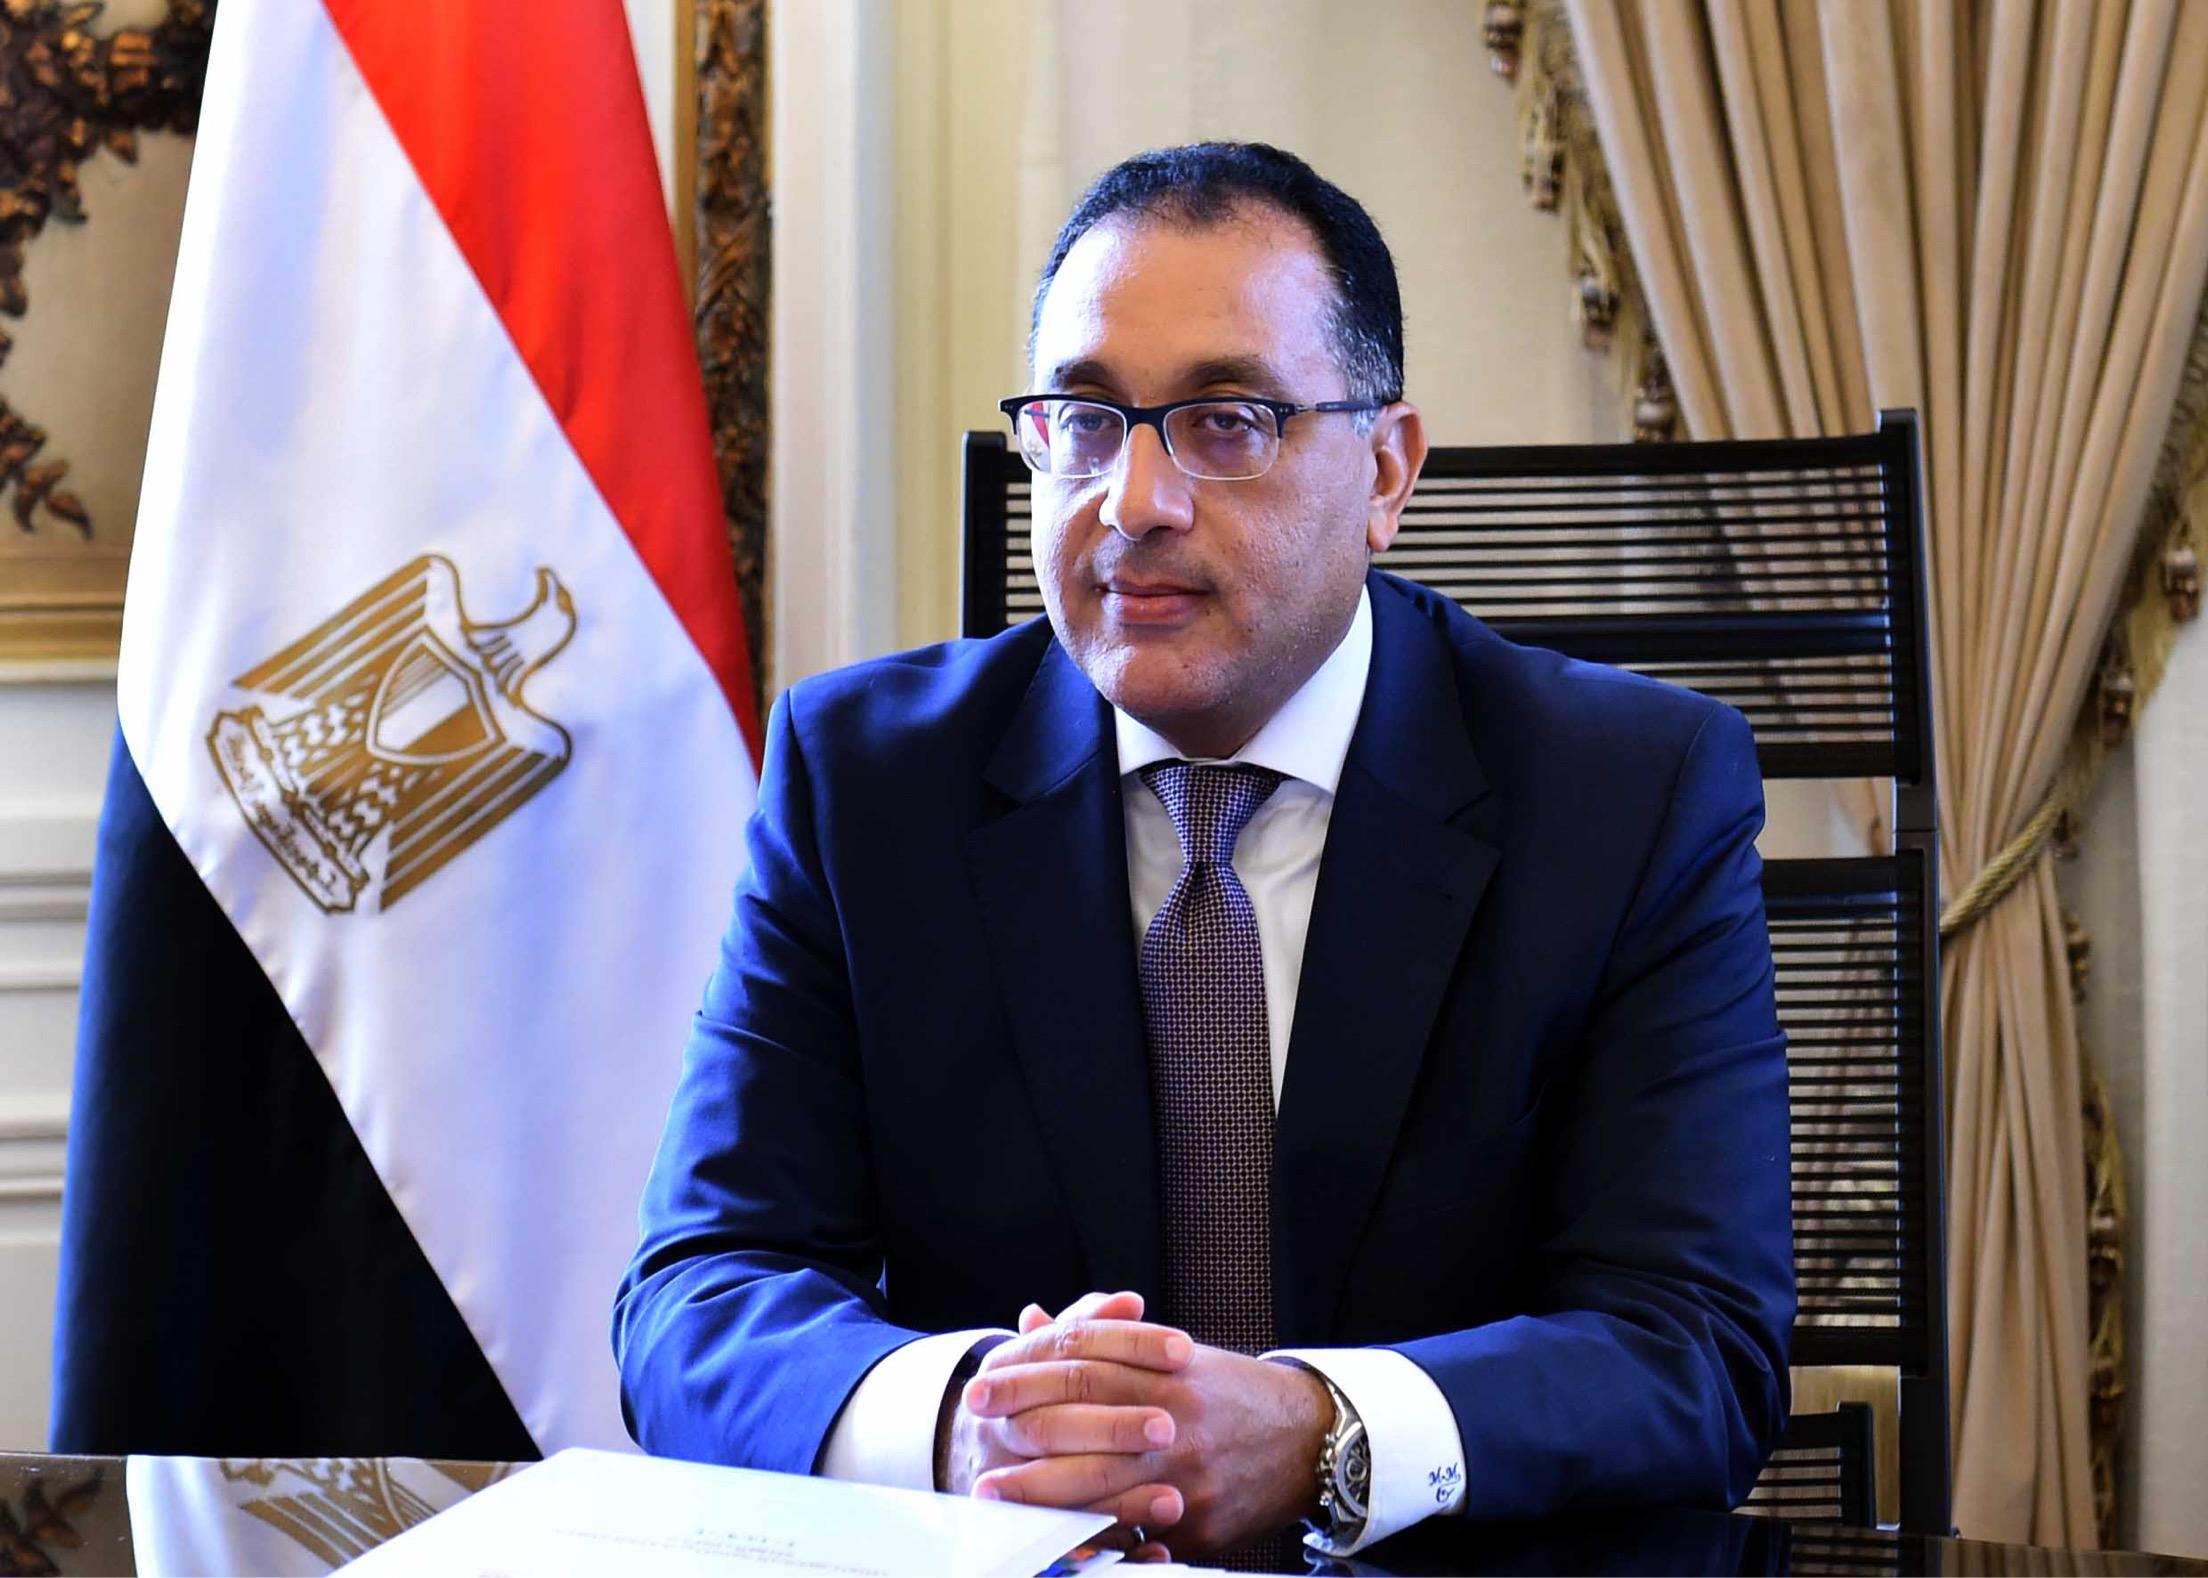 الدكتور مصطفى مدبولى، رئيس مجلس الوزراء، وزير الإسكان